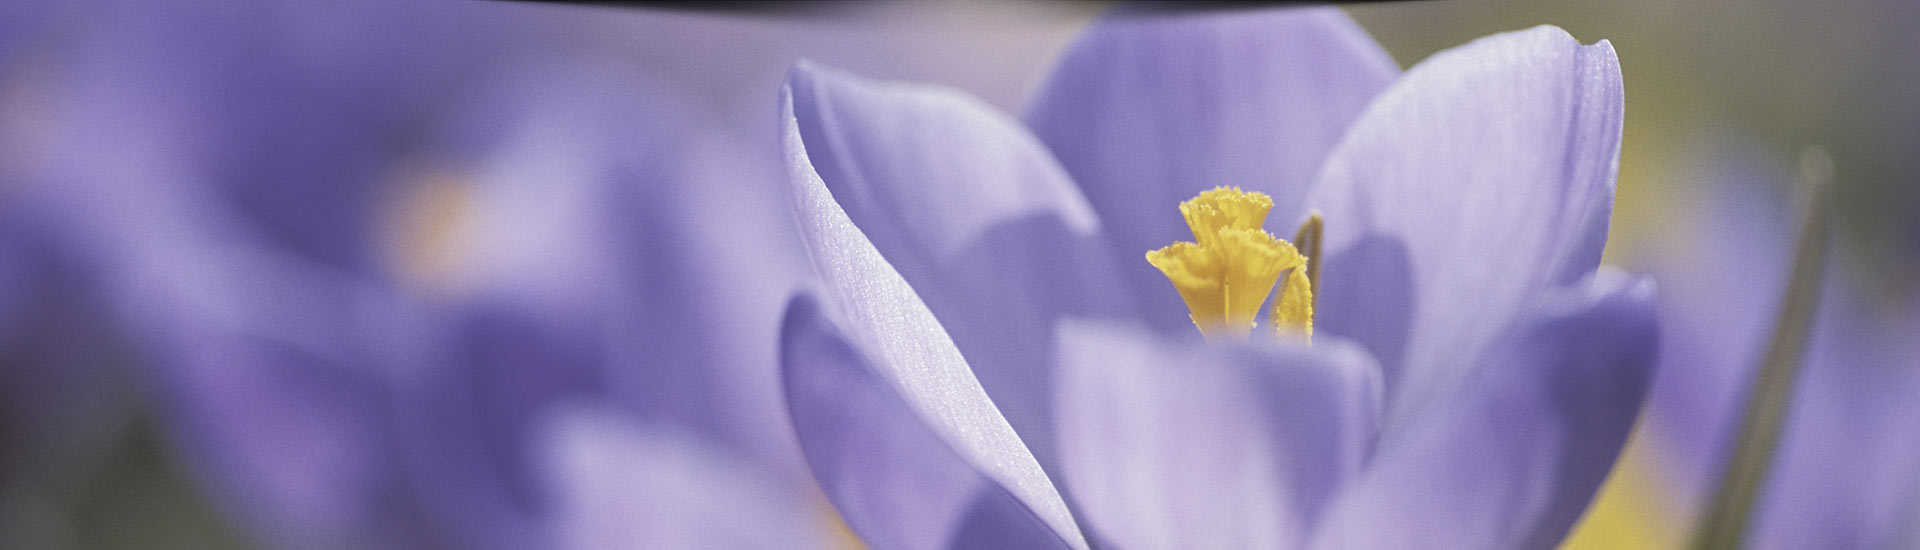 blomsteraffär örebro centrum